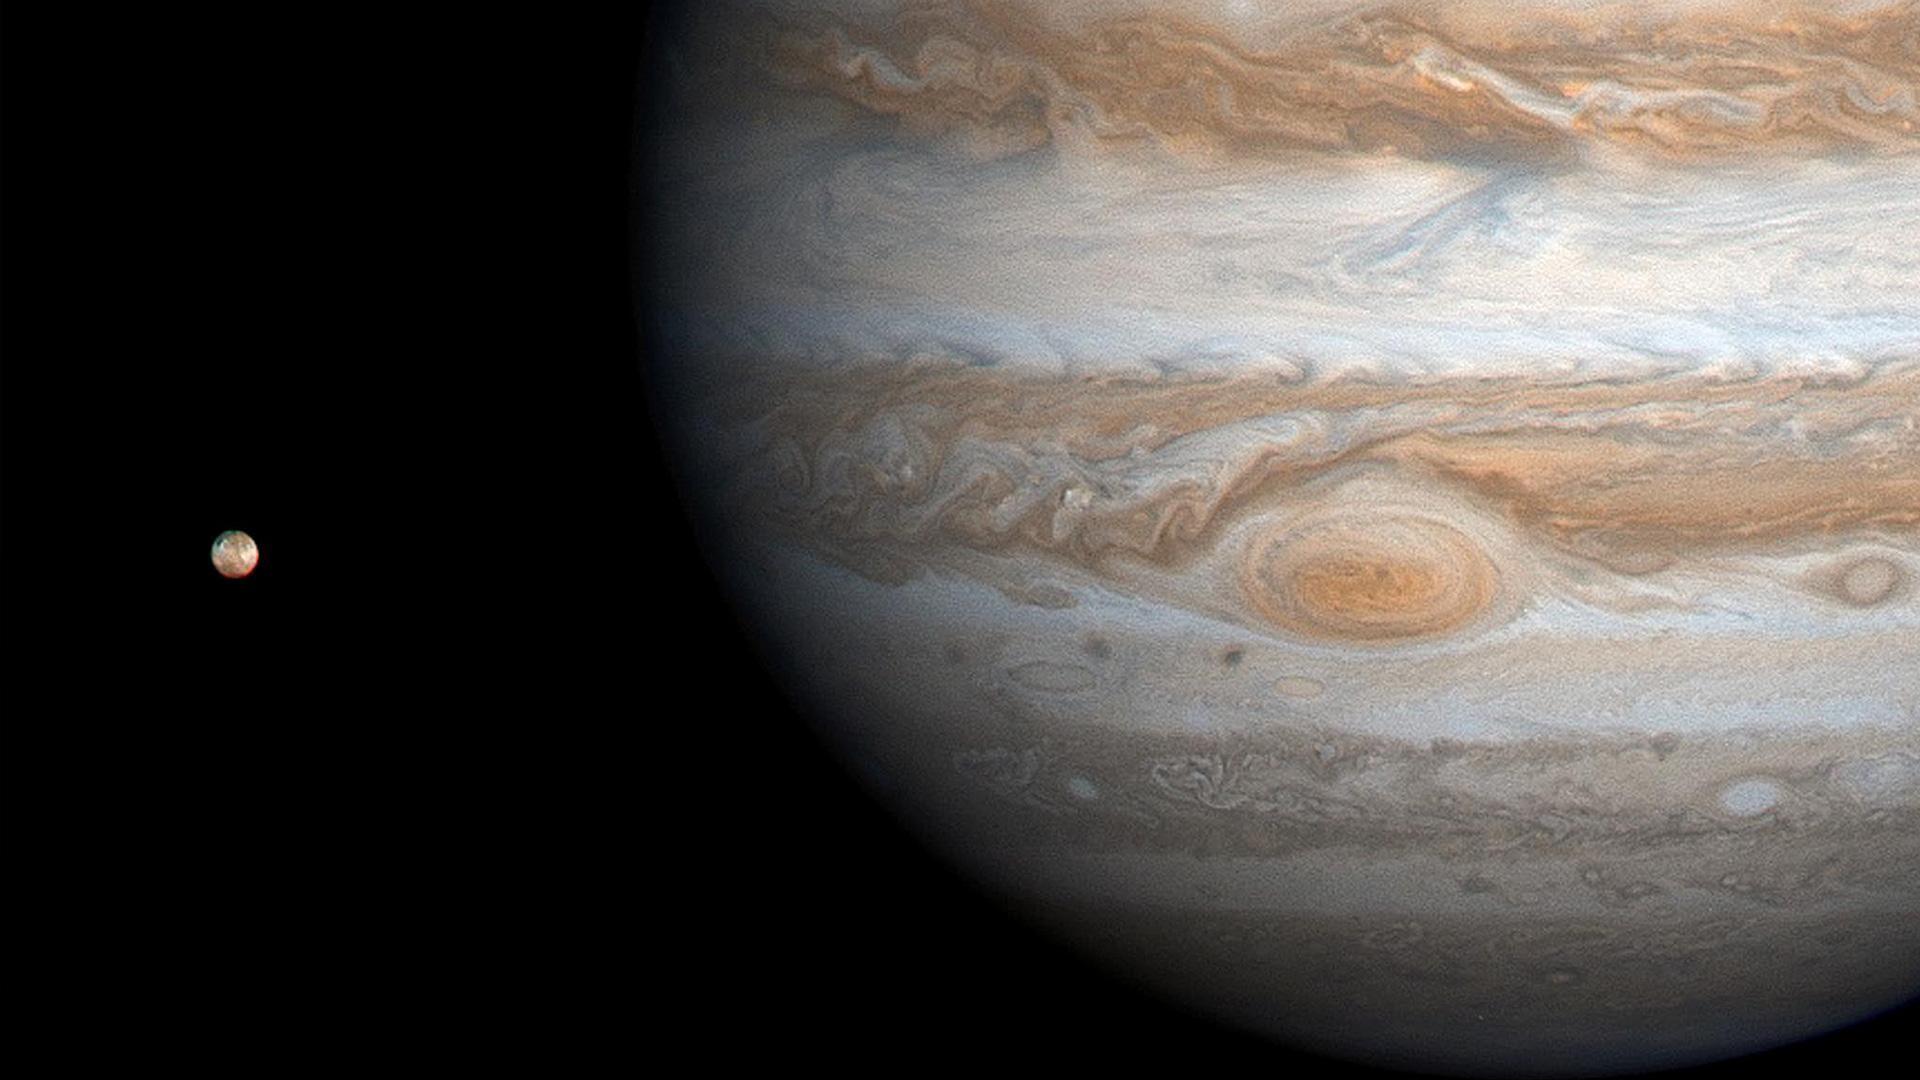 组图:盘点木星11张令人惊奇的图像